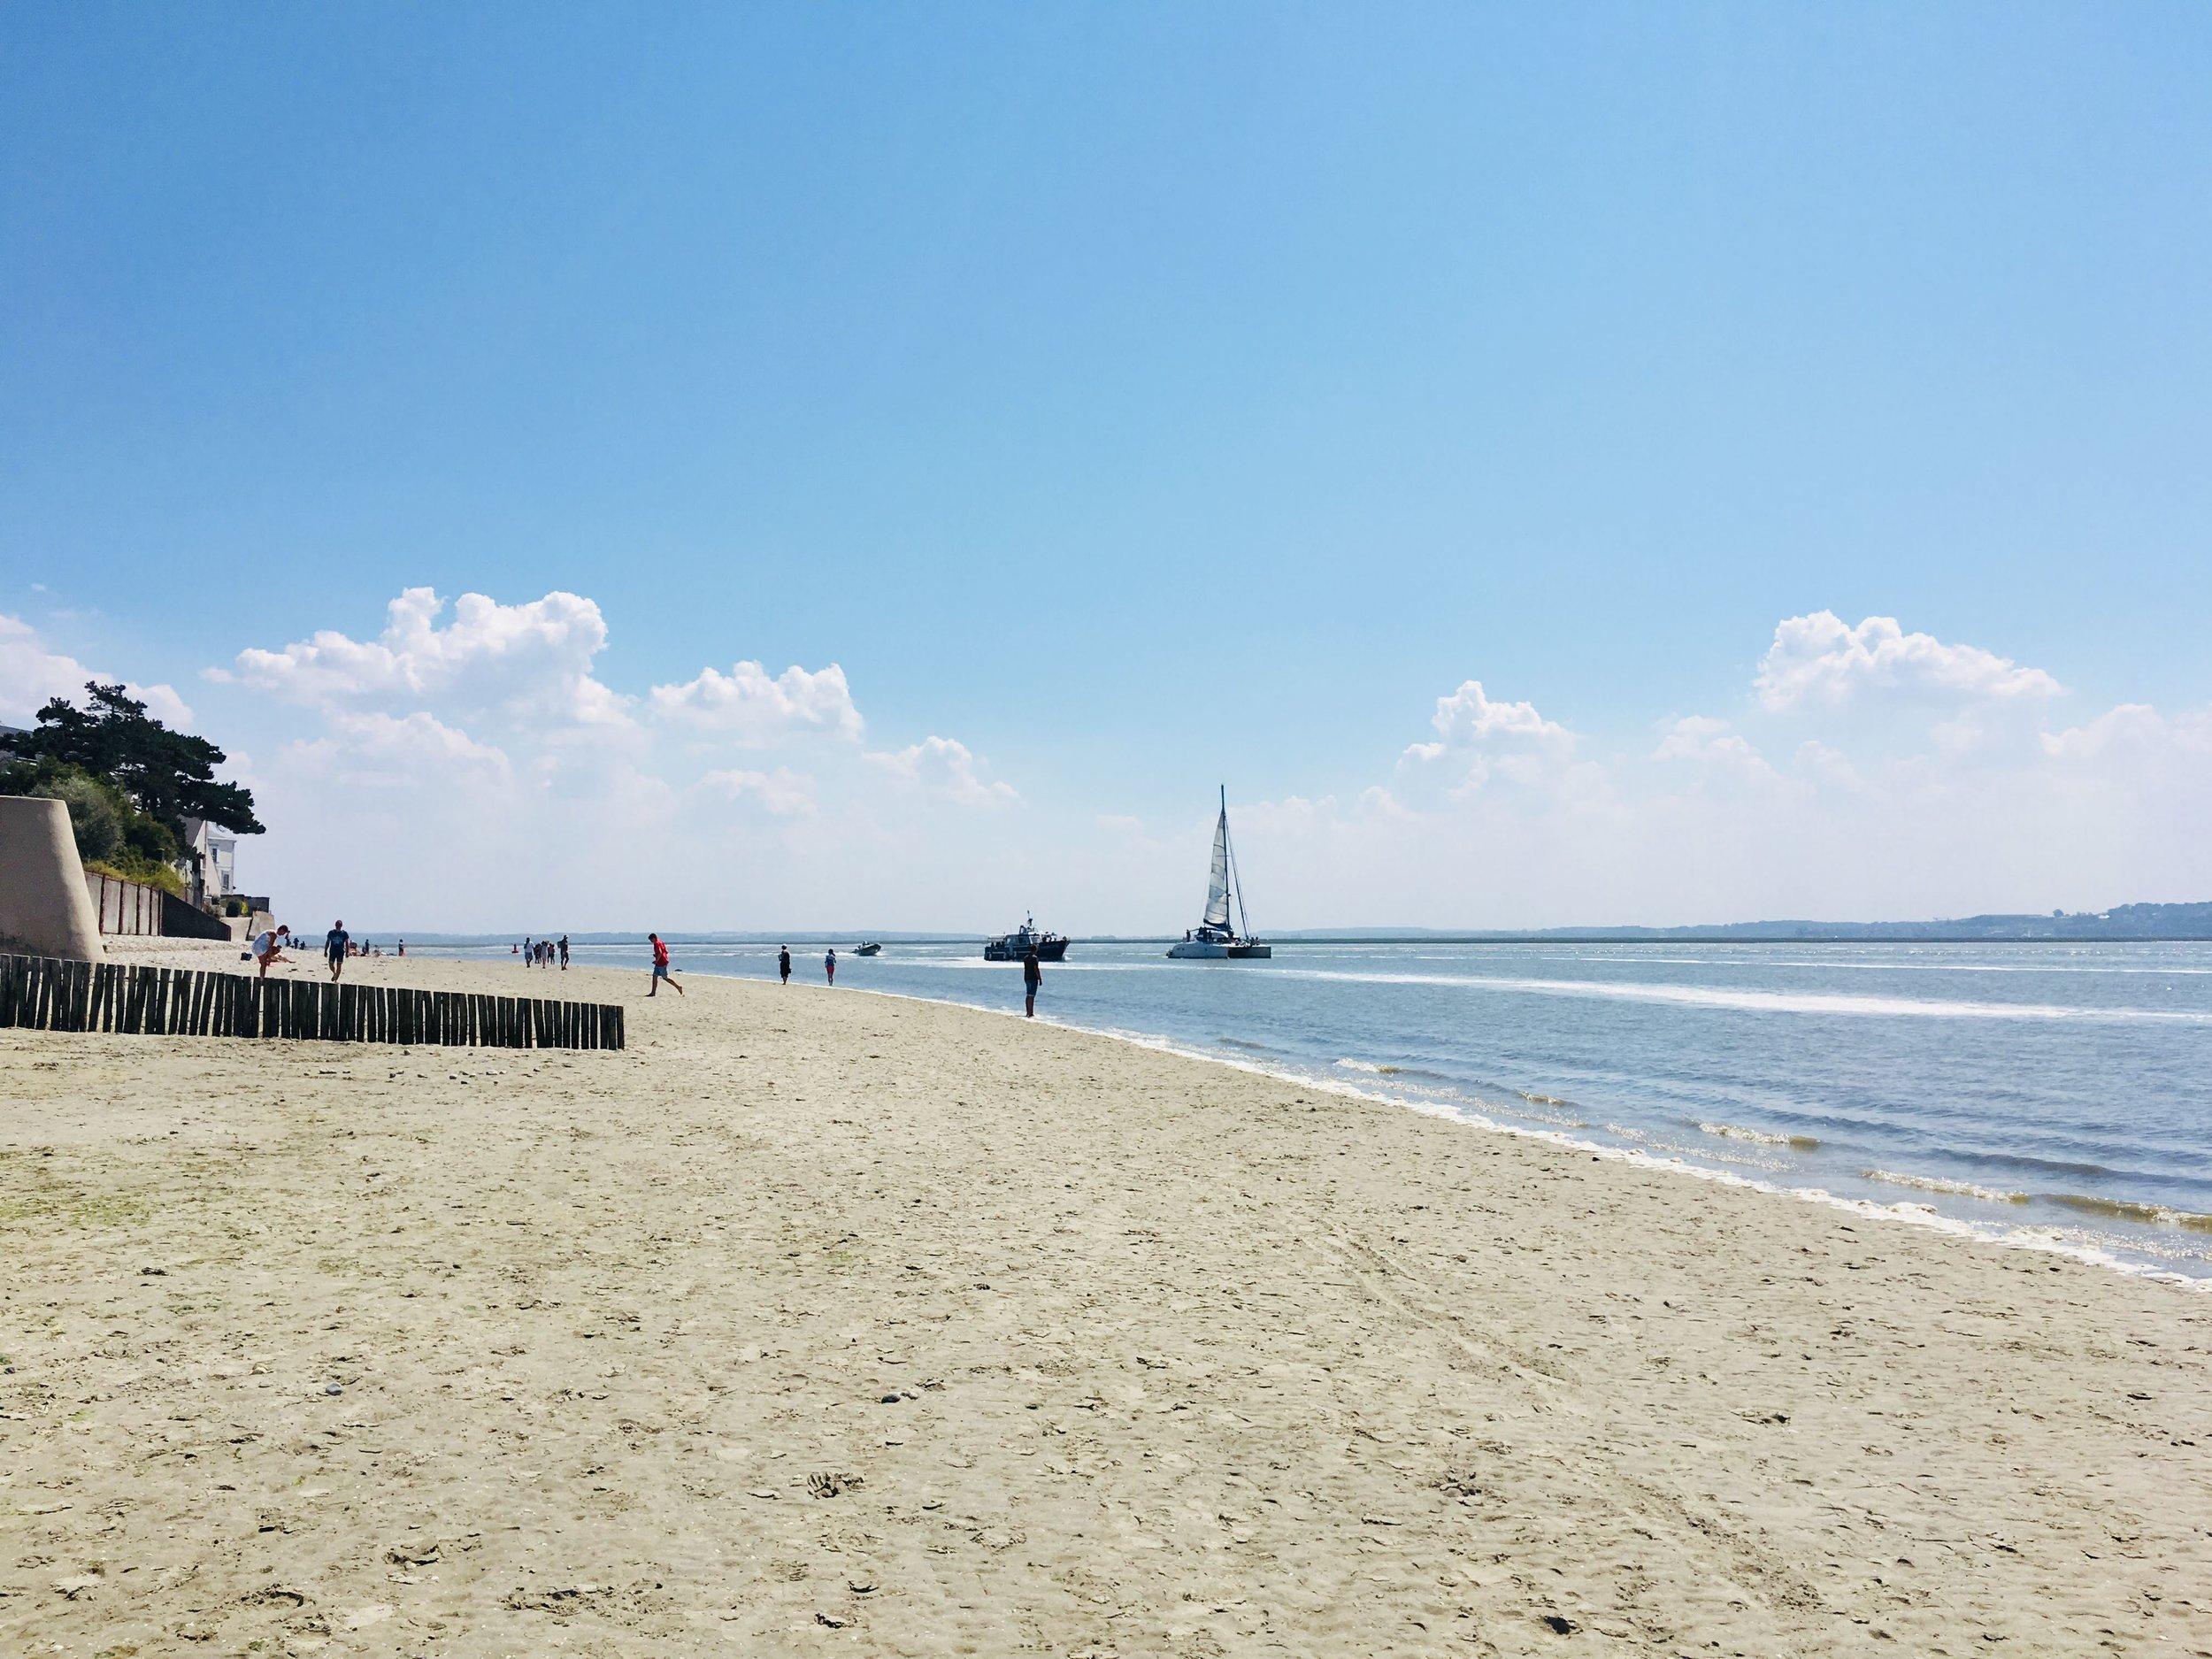 playa normandia.jpg